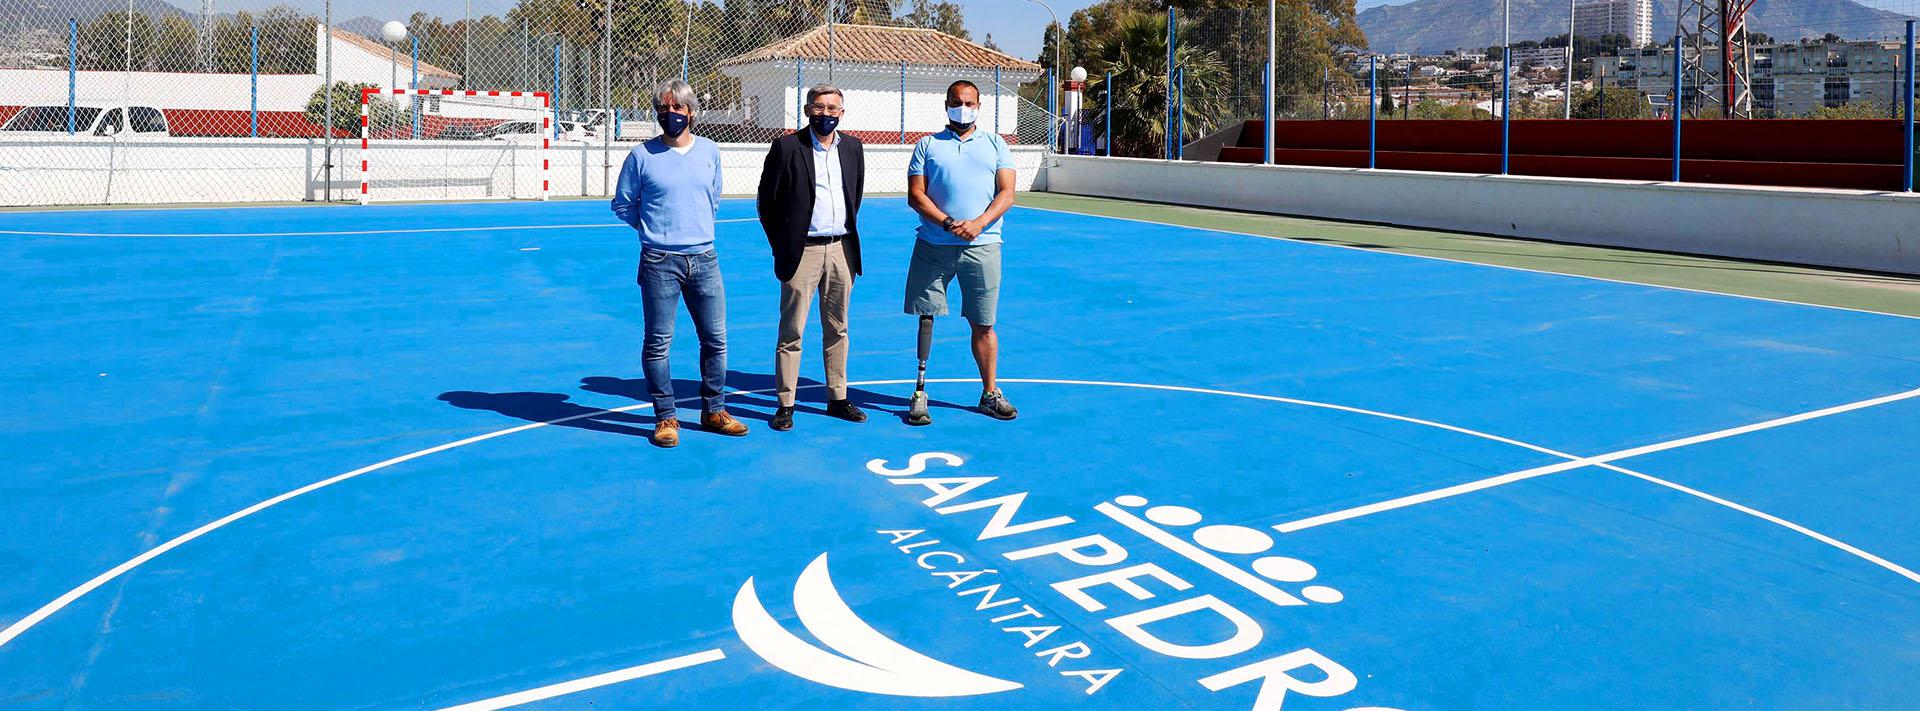 Remodelada la pista de fútbol sala del polideportivo Juan José Almagro